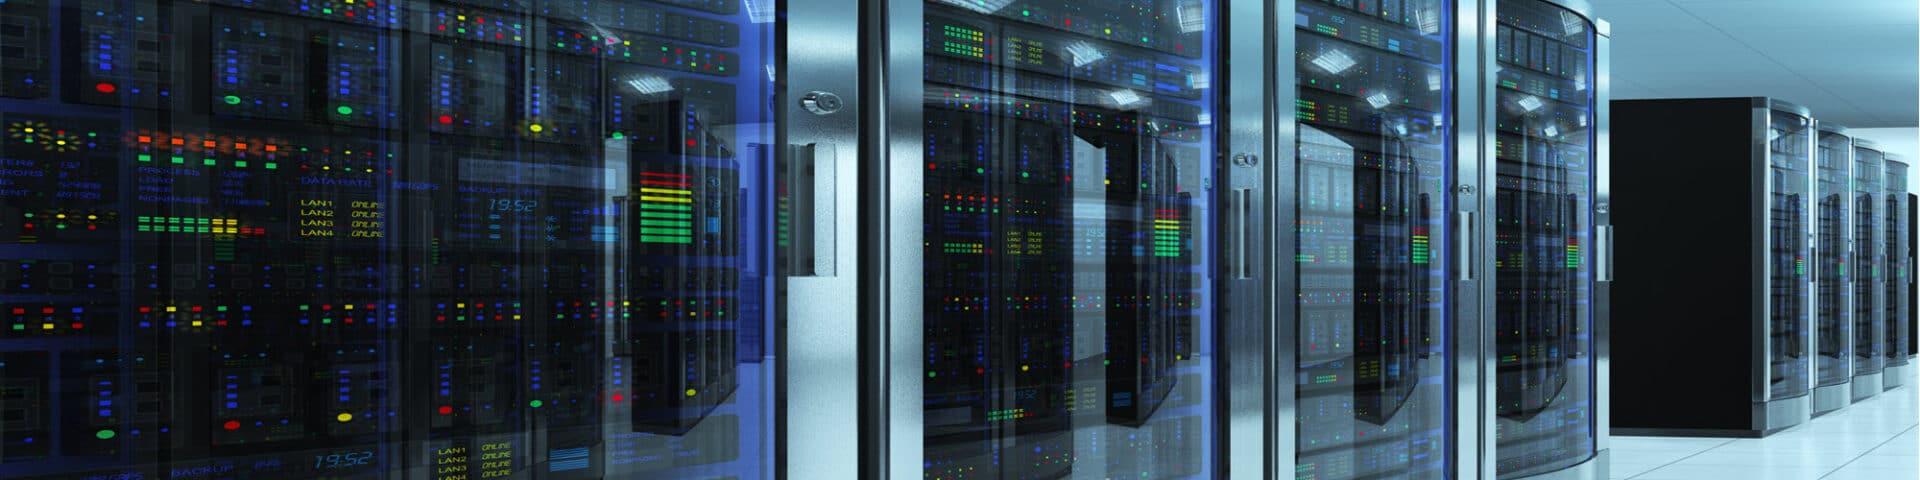 NGNX Web Server Data Center